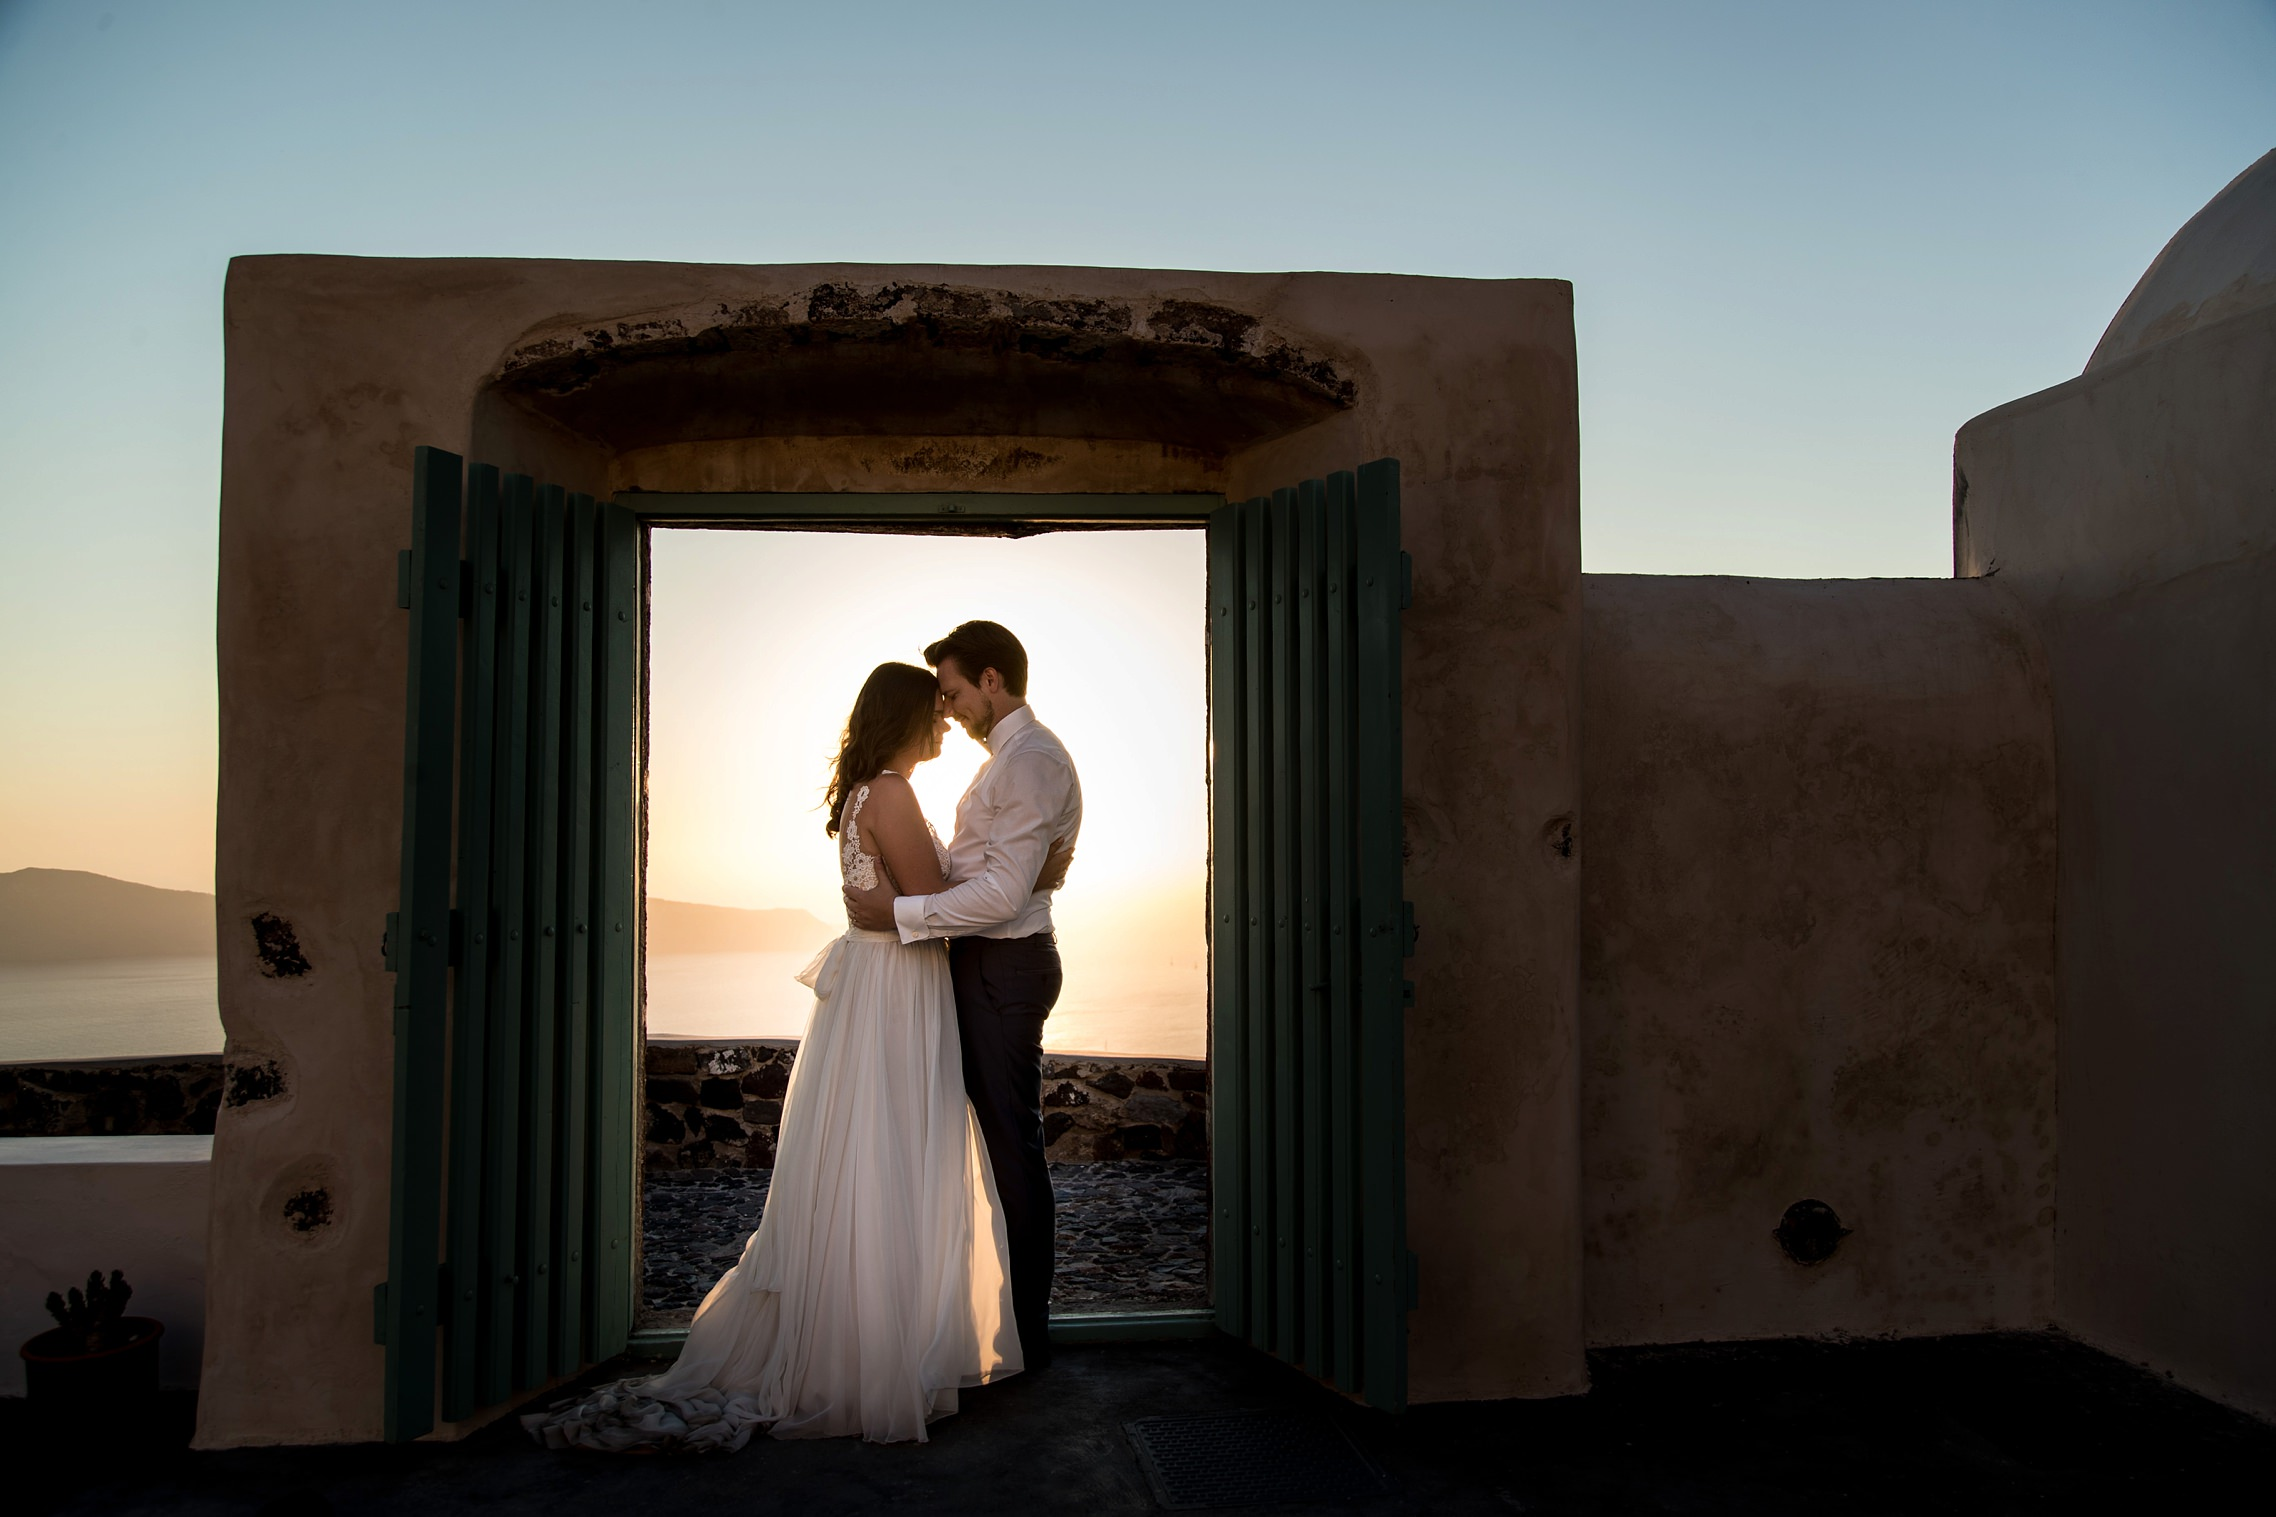 Brautpaar steht in einem Türrahmen in Imerovigli auf Santorini - Elopement in Griechenland.